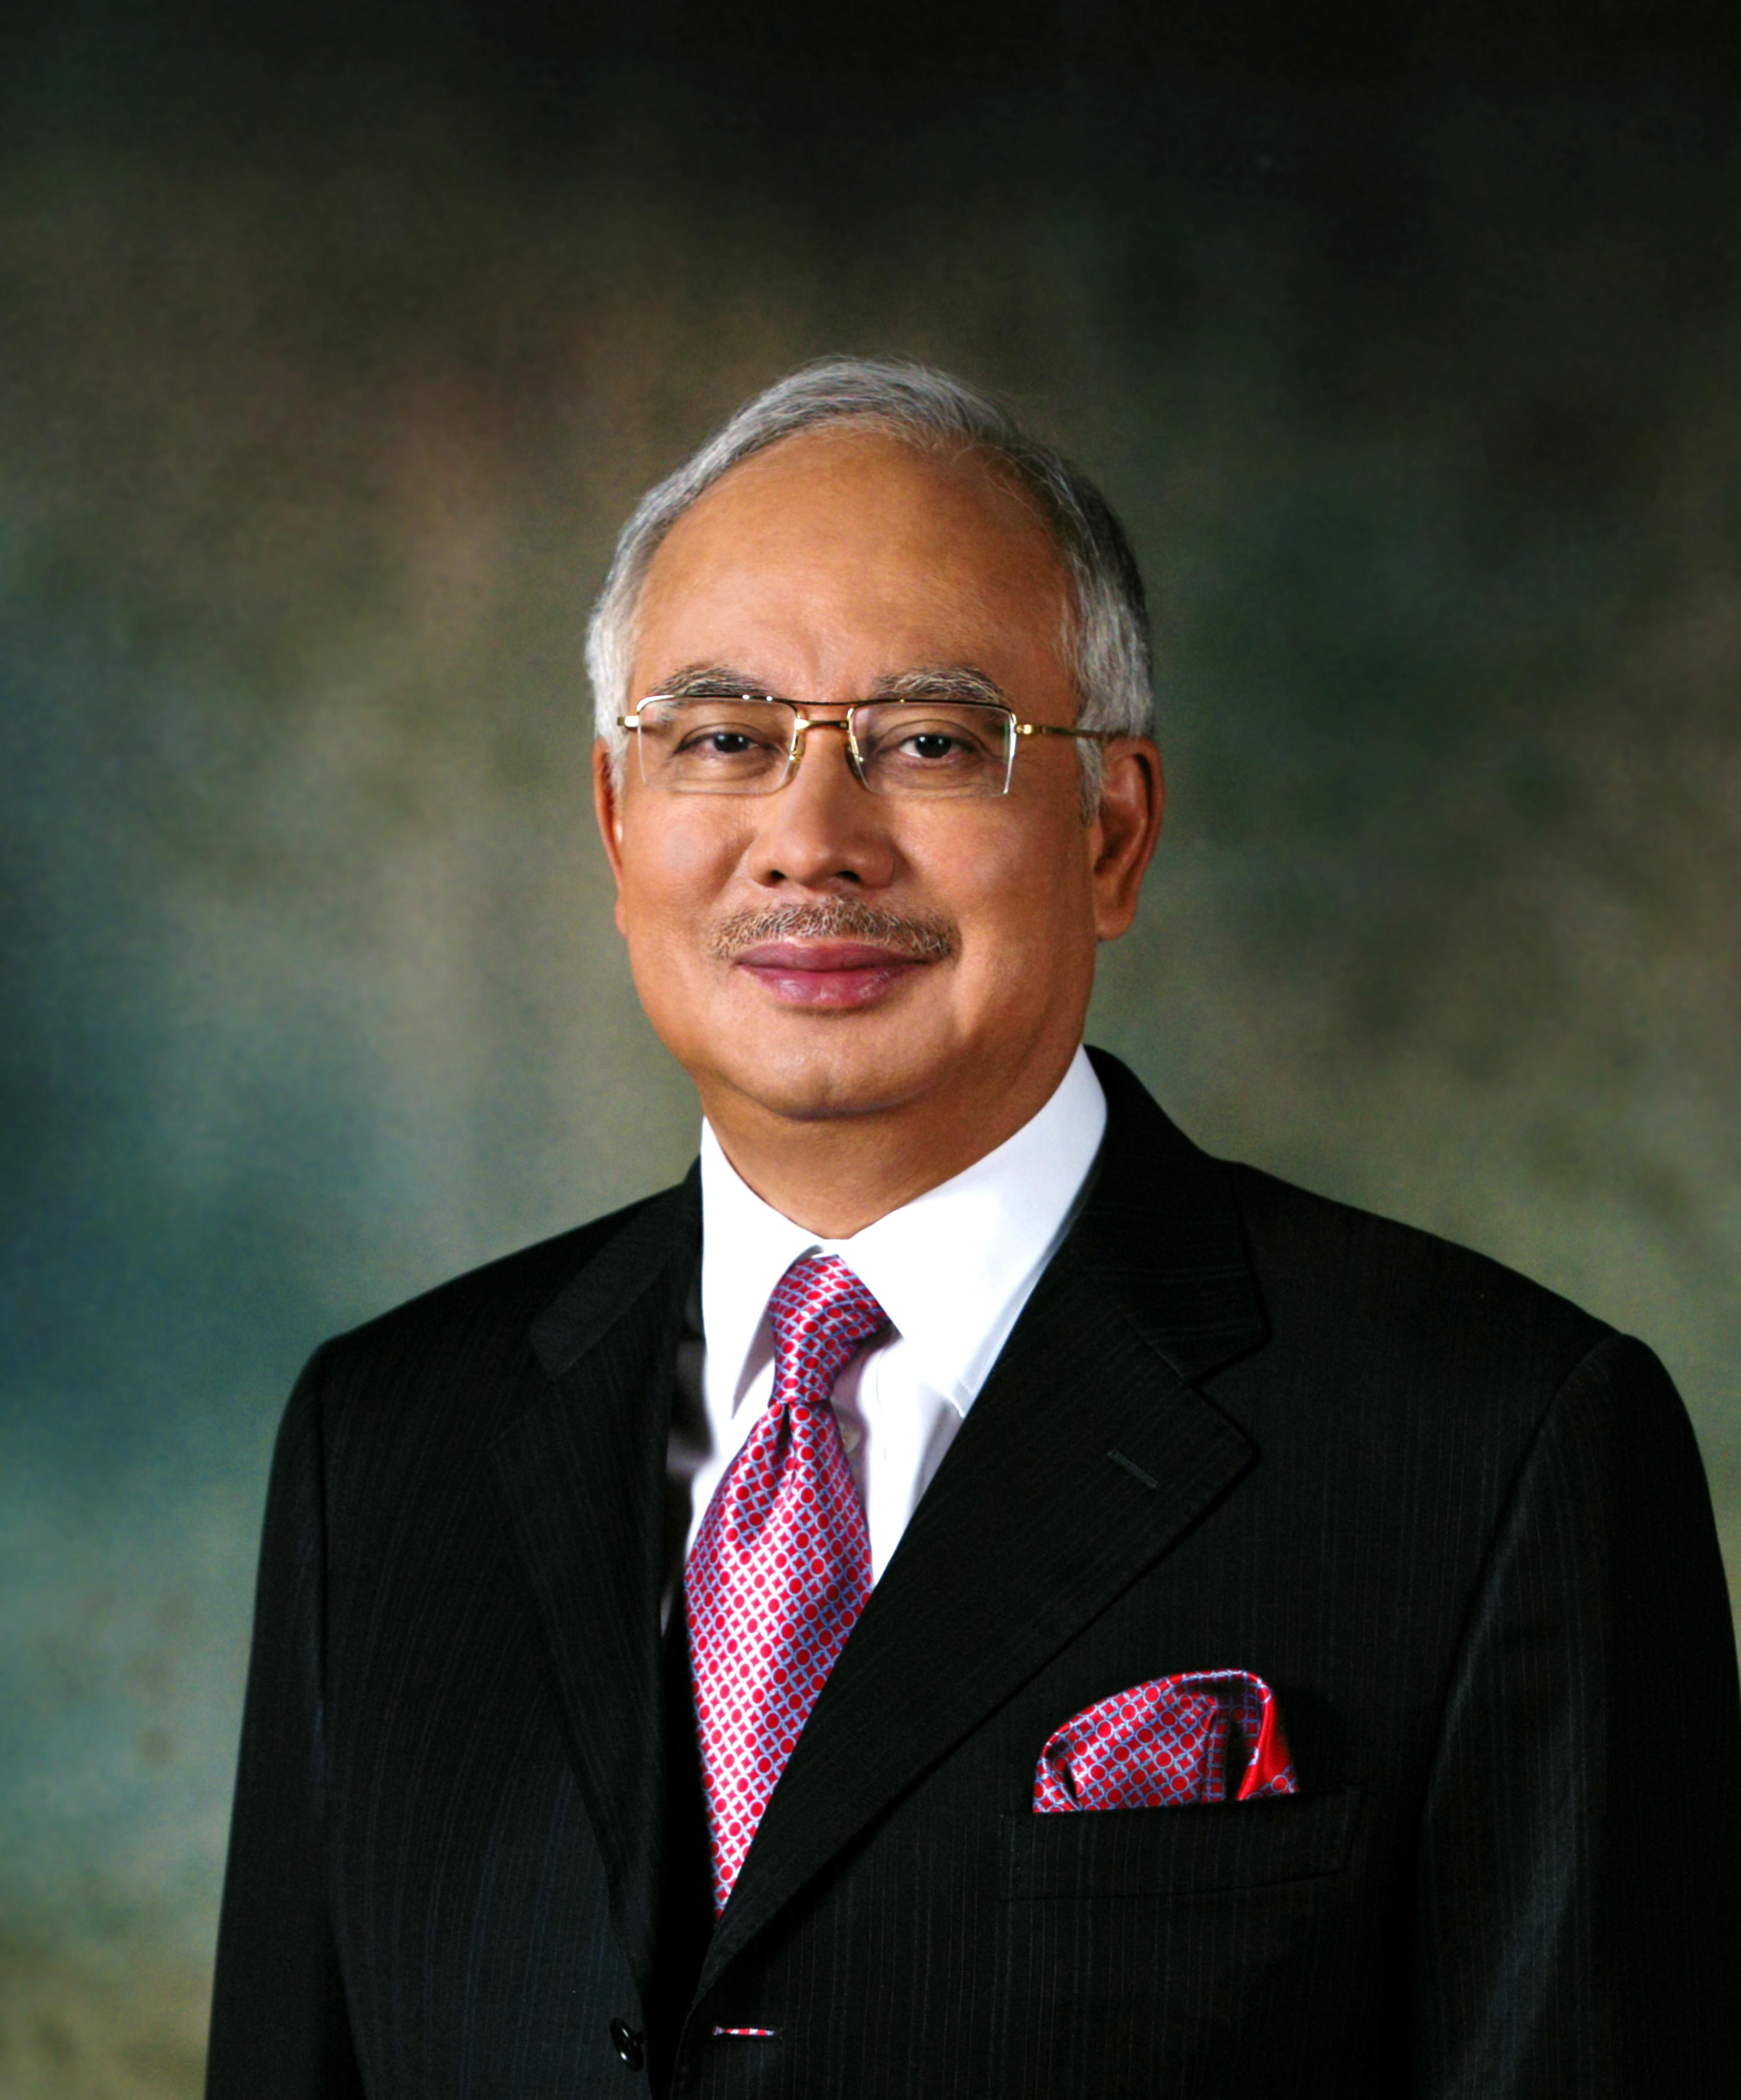 Depiction of Najib Tun Razak